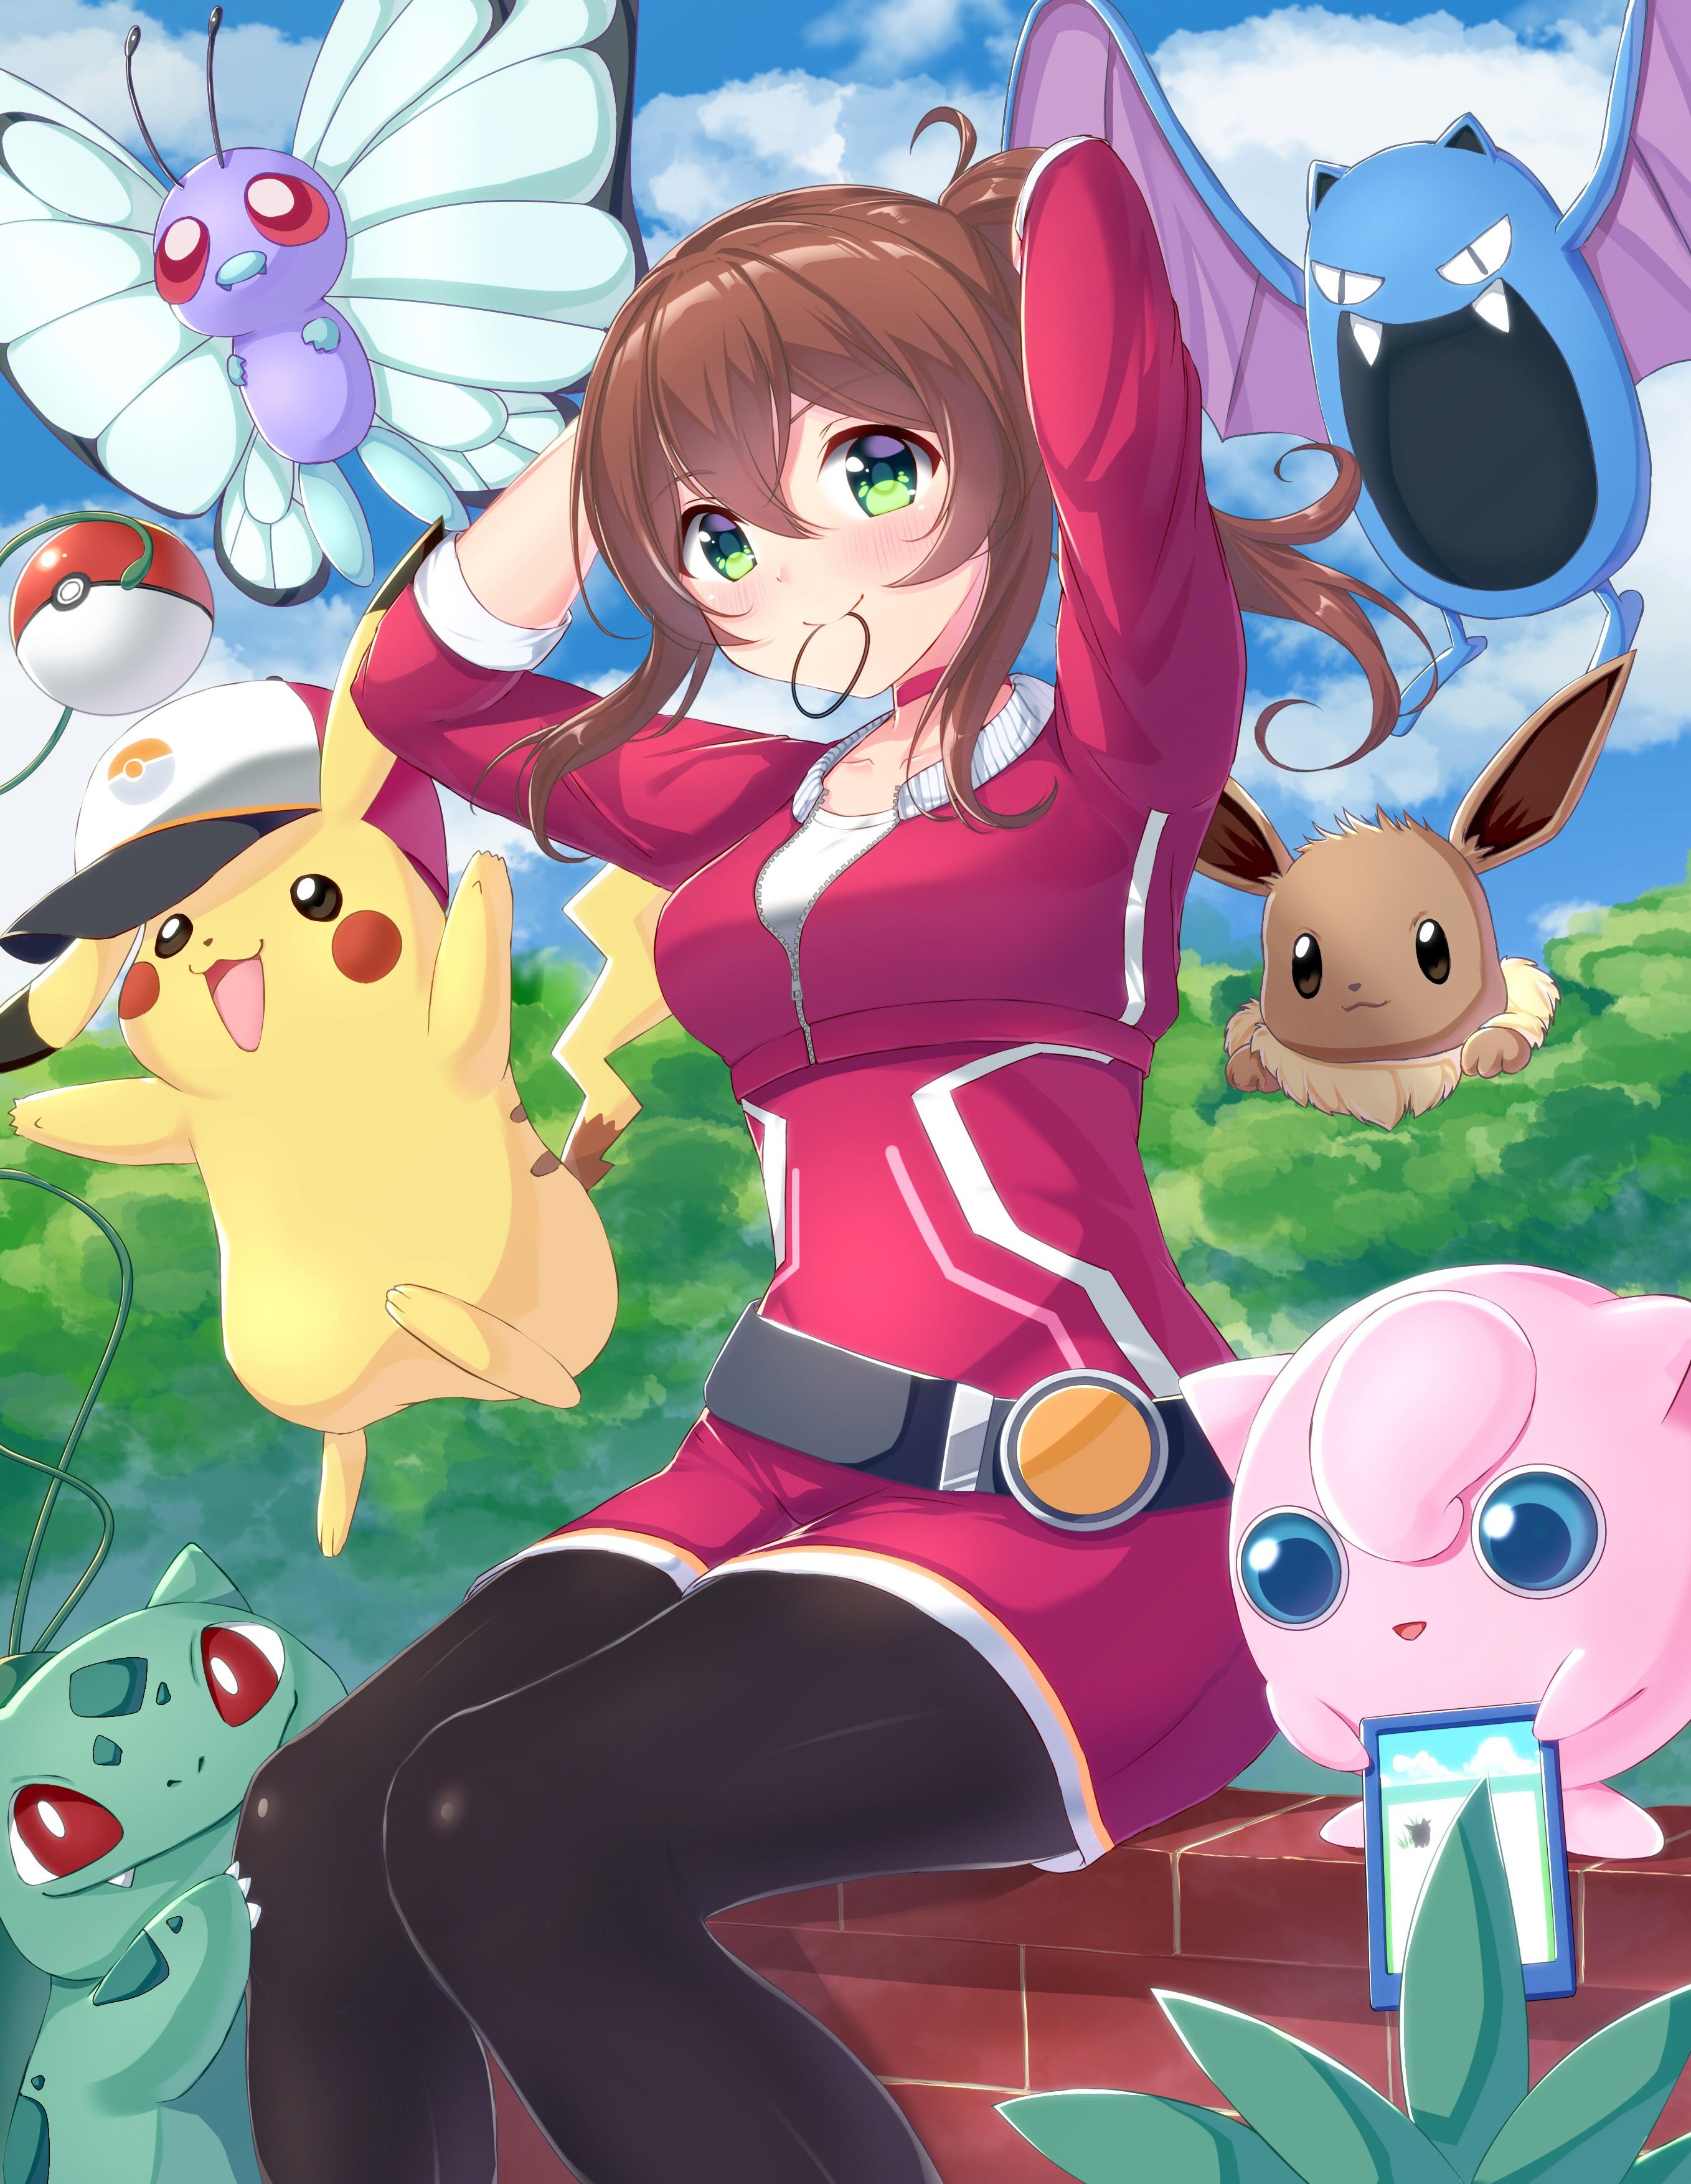 Wallpaper Illustration Long Hair Anime Girls Brunette Green